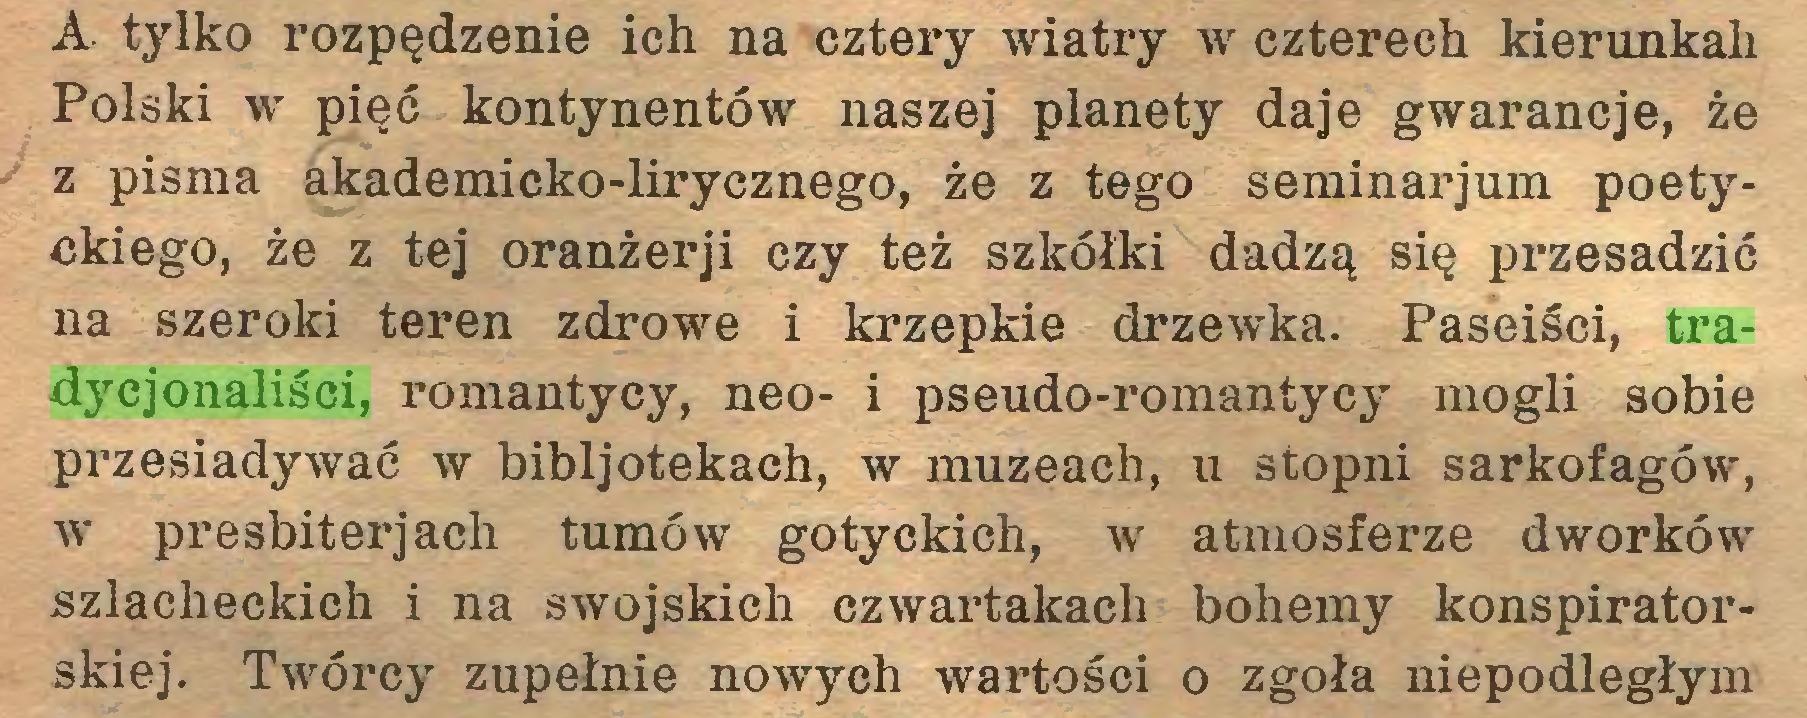 (...) A. tylko rozpędzenie ich na cztery wiatry w czterech kierunkali Polski w pięć kontynentów naszej planety daje gwarancje, że z pisma akademicko-lirycznego, że z tego seminarjum poetyckiego, że z tej oranżerji czy też szkółki dadzą się przesadzić na szeroki teren zdrowe i krzepkie drzewka. Paseiści, tradycjonaliści, romantycy, neo- i pseudo-romantycy mogli sobie przesiadywać w bibljotekach, w muzeach, u stopni sarkofagów, w presbiterjach tumów gotyckich, w atmosferze dworków szlacheckich i na swojskich czwartakach bohemy konspiratorskiej. Twórcy zupełnie nowych wartości o zgoła niepodległym...